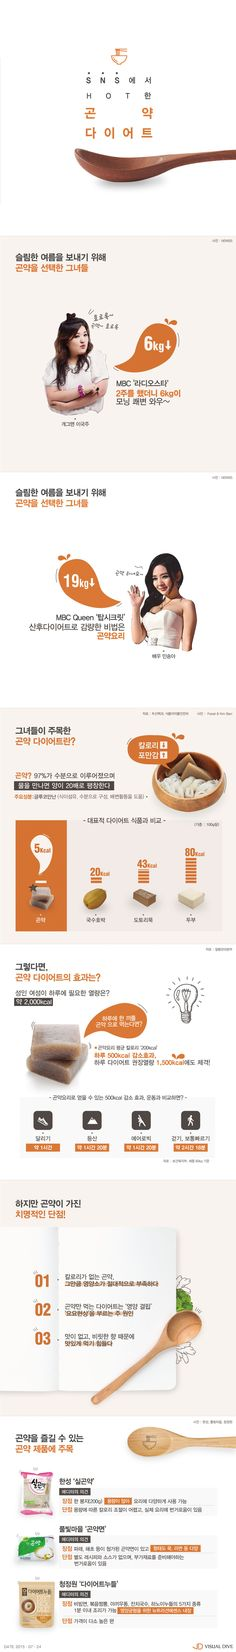 이국주도 했던 곤약 다이어트, 곤약을 맛있게 먹는 방법은? [인포그래픽] #Diet / #Infographic ⓒ 비주얼다이브 무단…